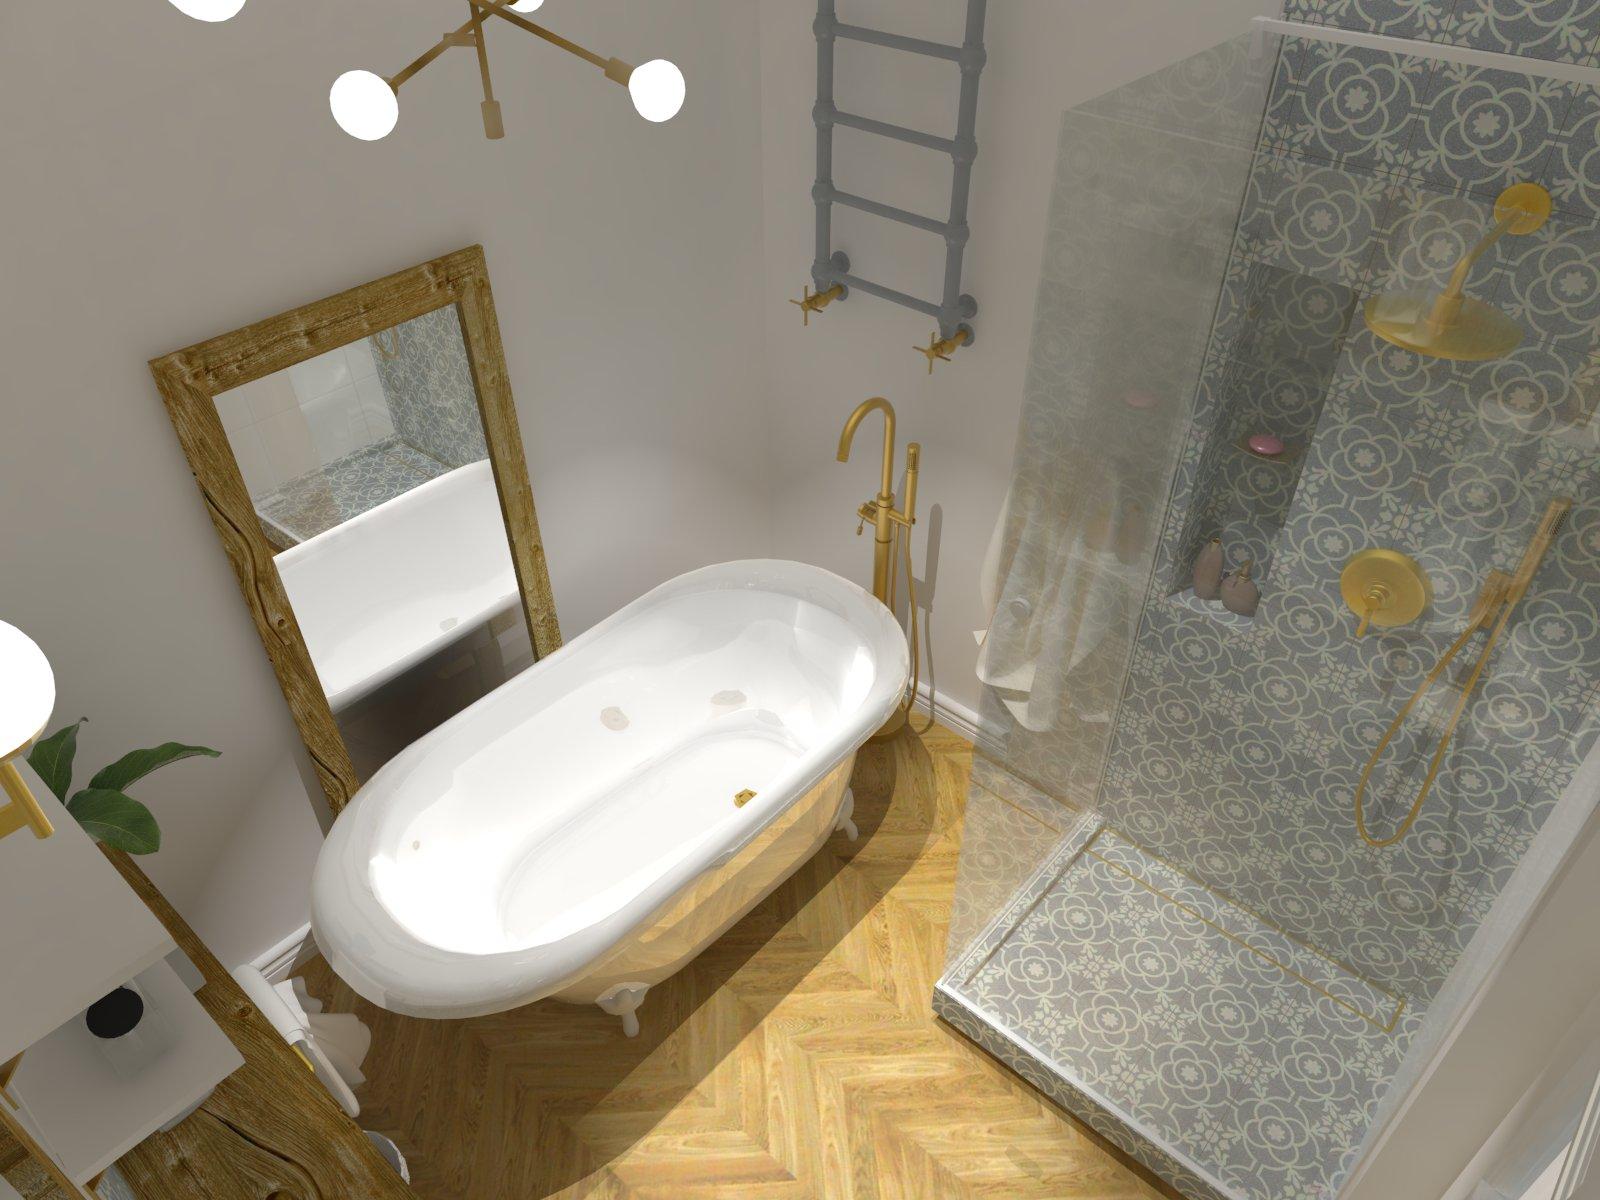 Tychy projektowanie wnętrz, mieszkanie w stylu modern vintage, mieszkanie Tychy ul. Obywatelska, Studio Ładnie Aleksandra Chmielowicz